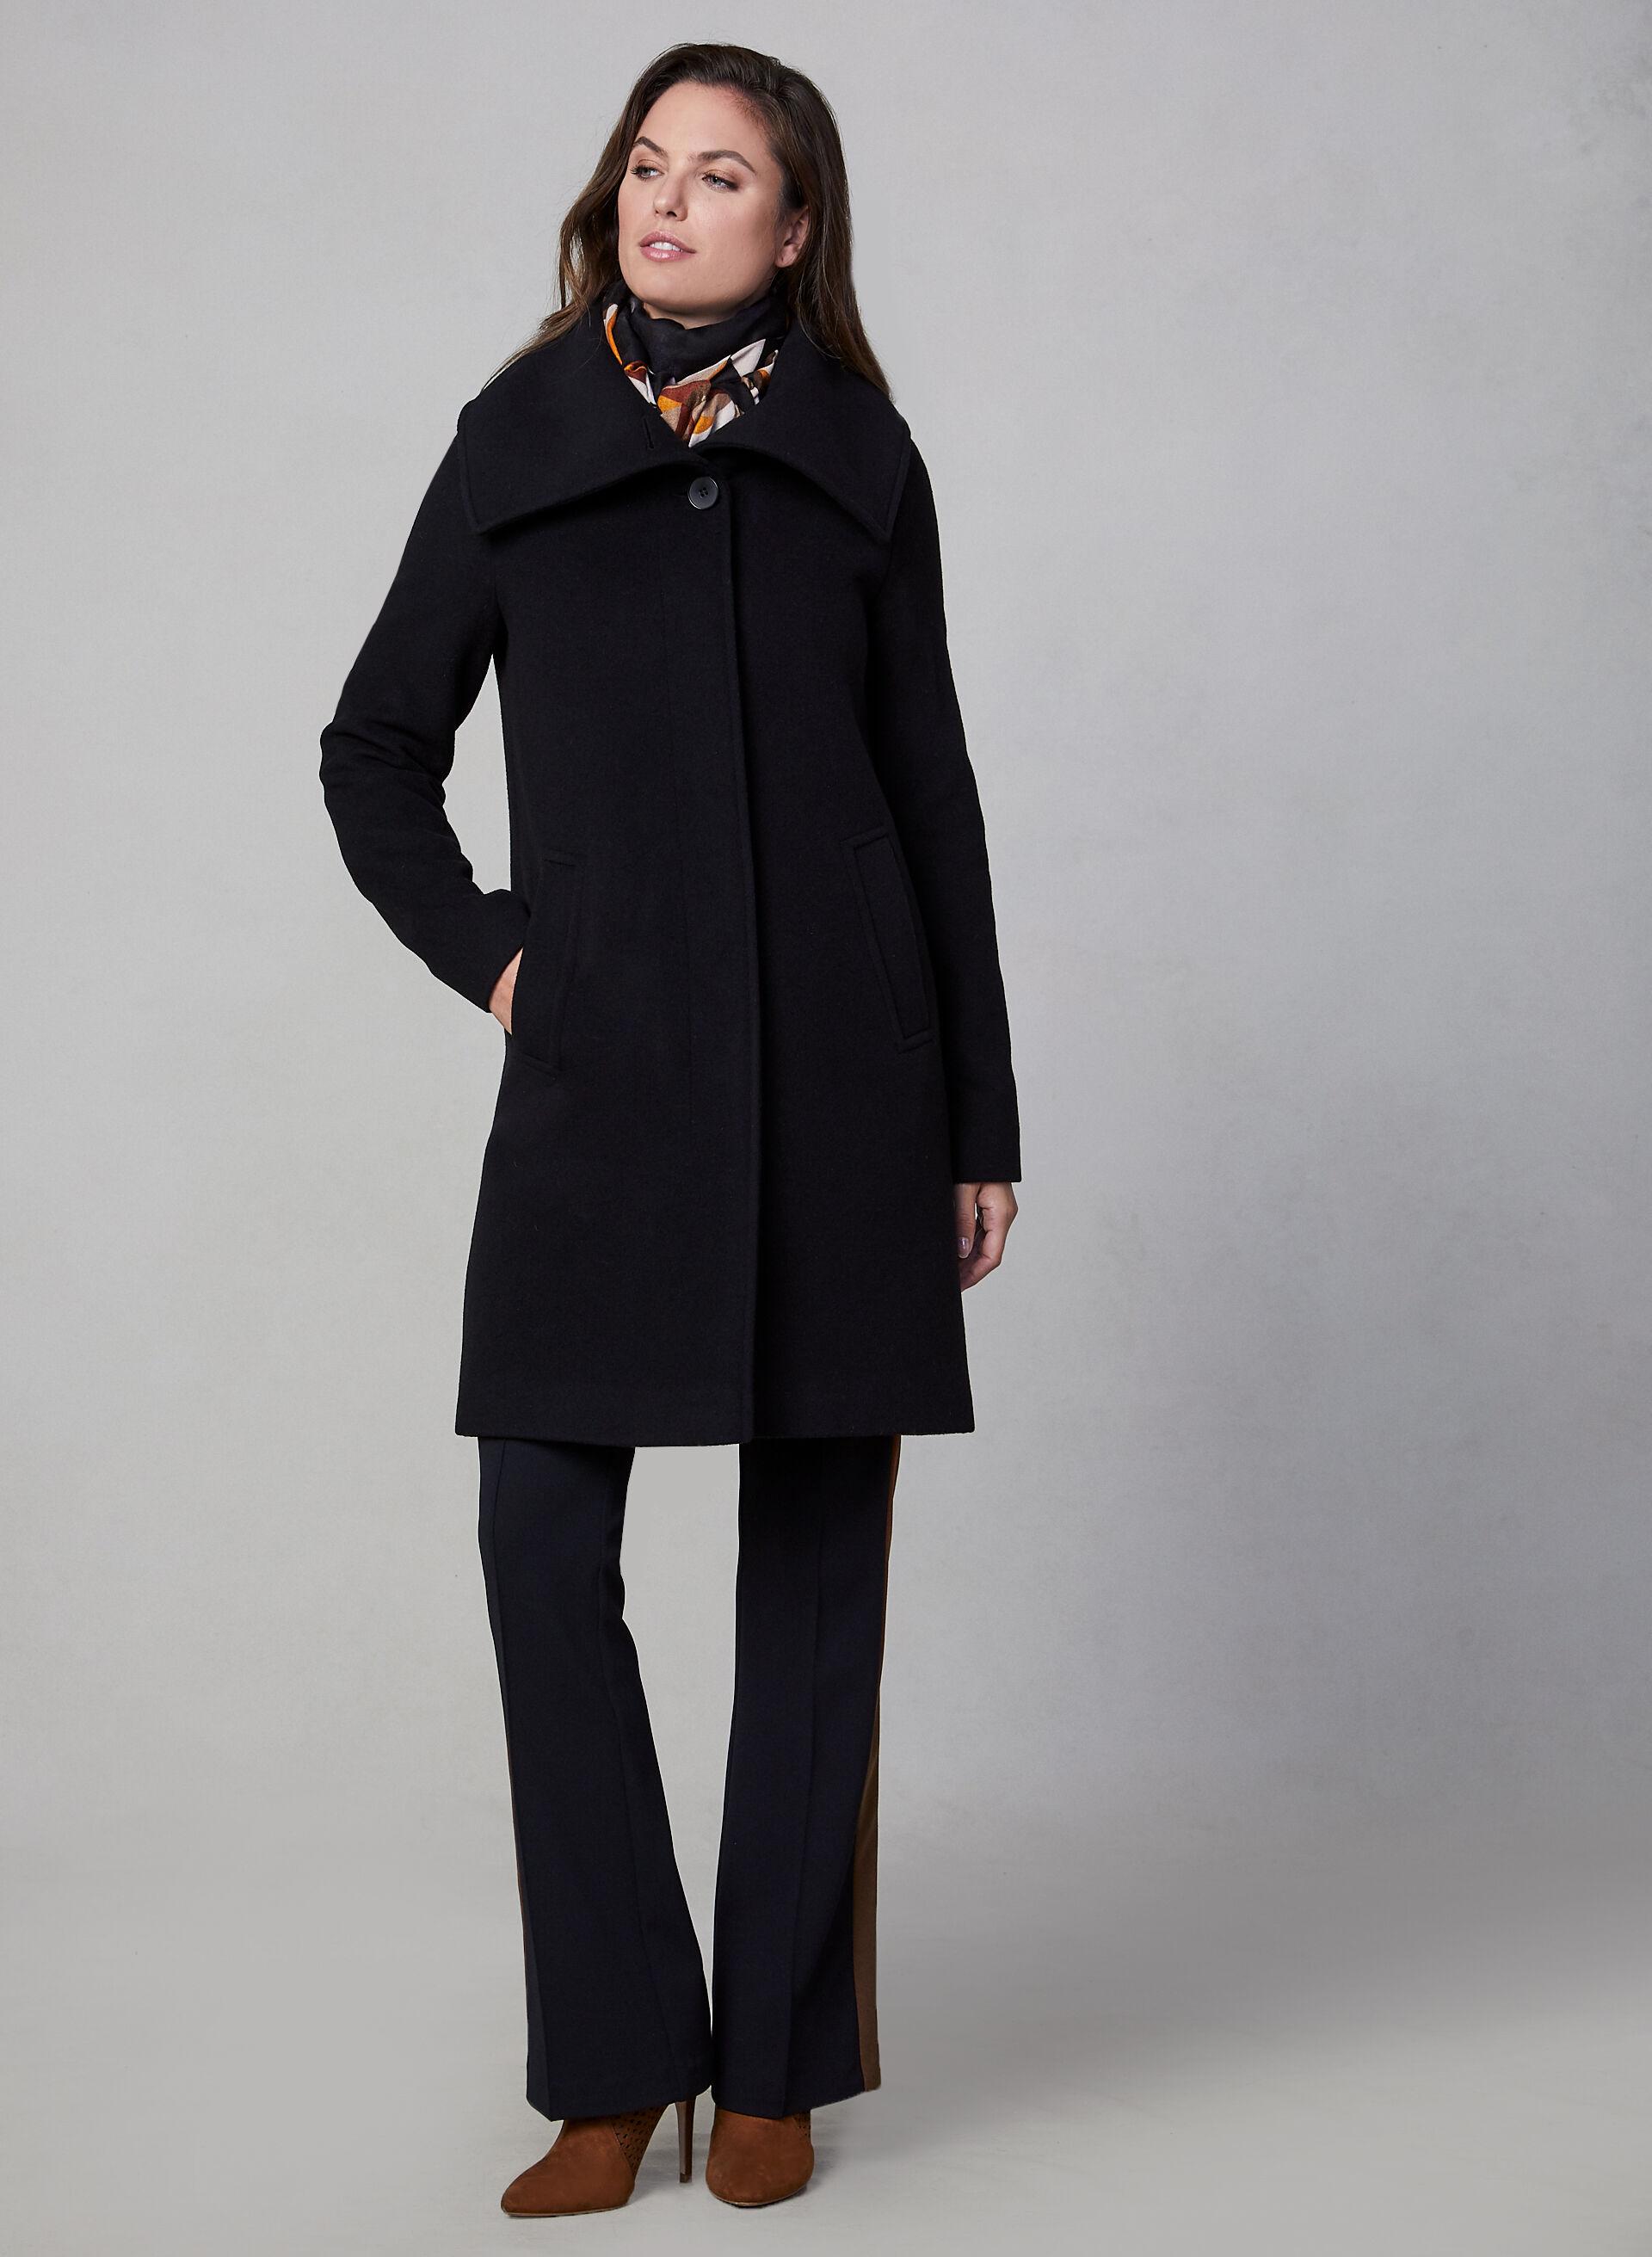 Manteau caban femme noir